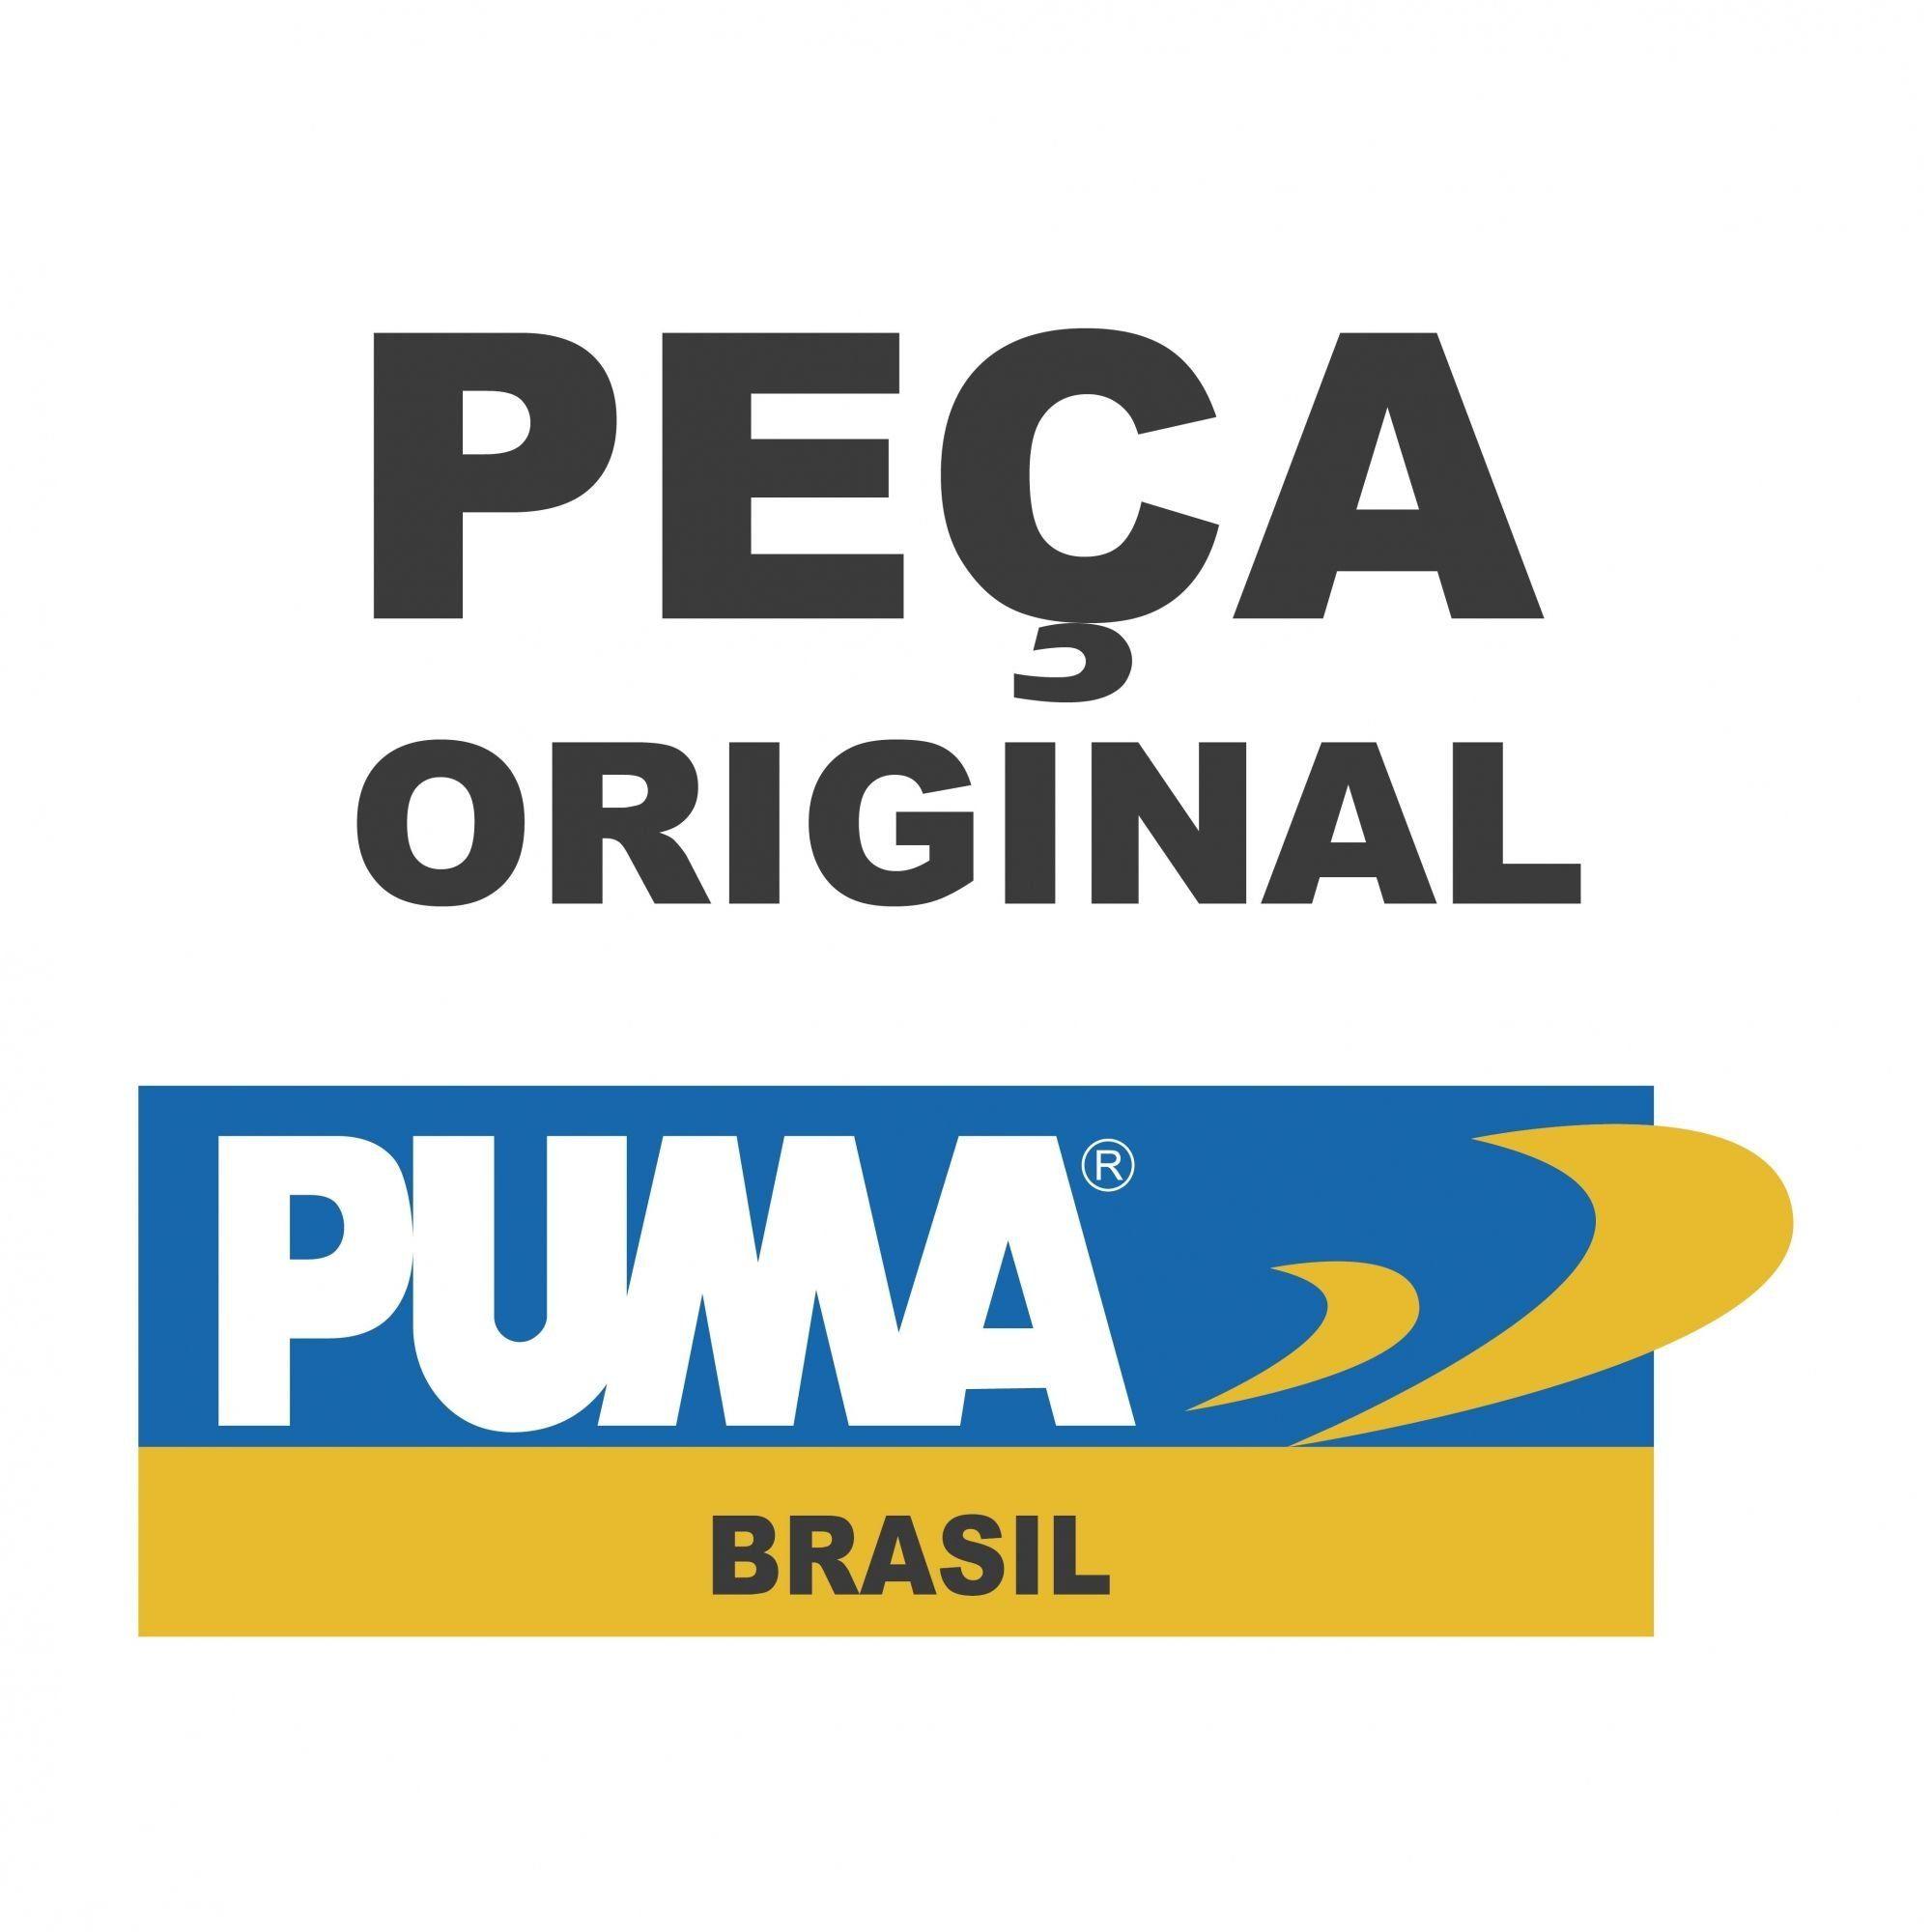 ABRACADEIRA - PEÇA PNEUMÁTICA PUMA - T7138A-54